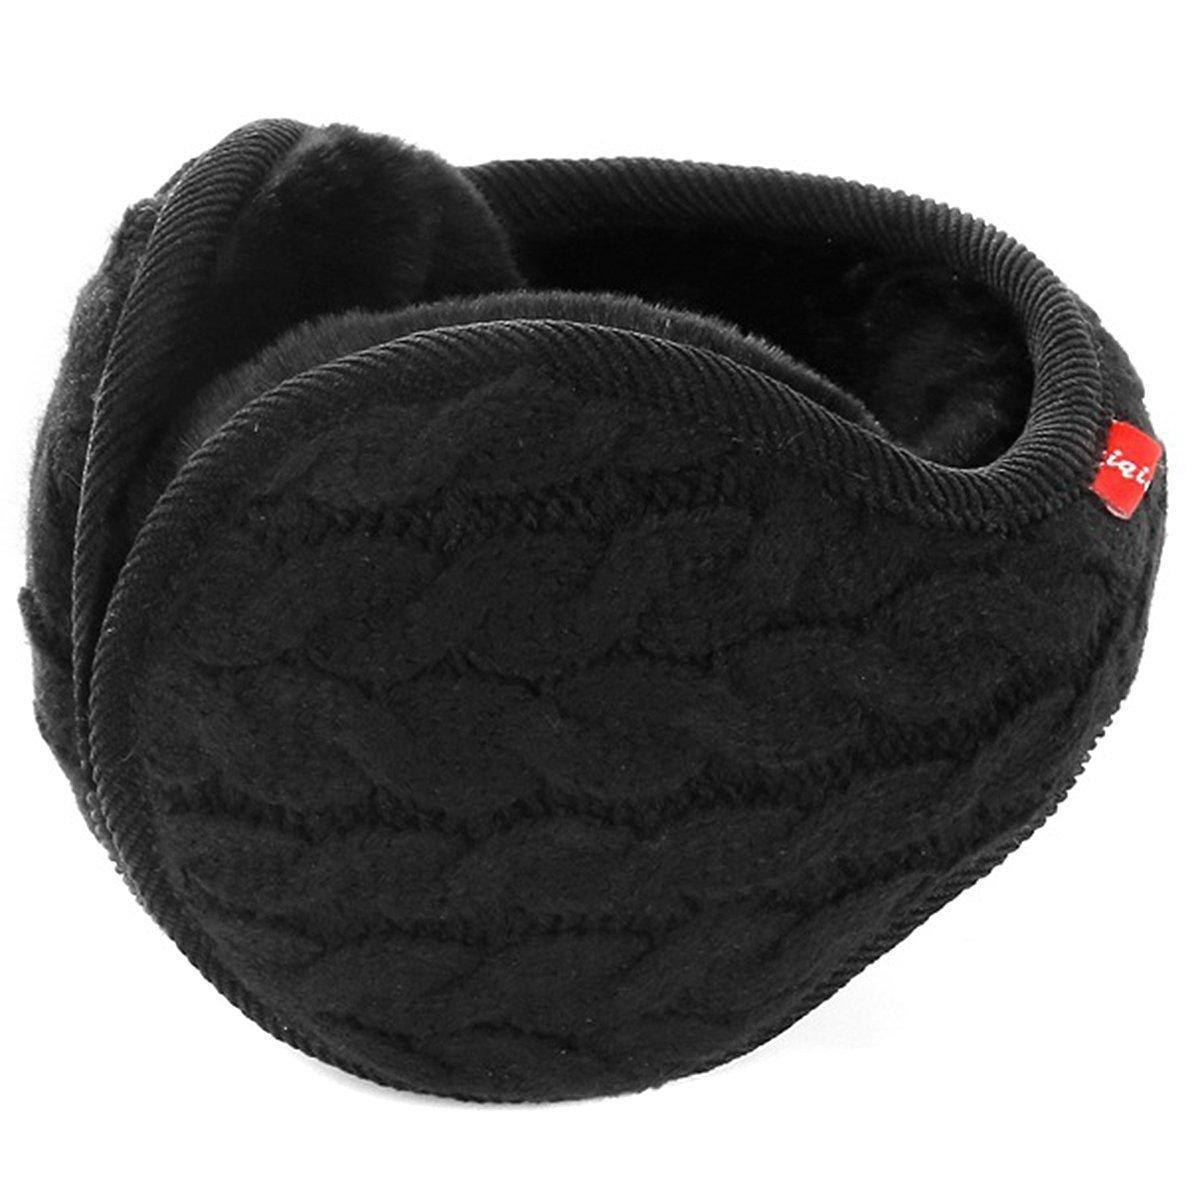 Hustar Unisex Gestrickte Ohrenw/ärmer Earband Ohrensch/ützer Winter Warme Ohrenschutz mit Innenfutter Beige